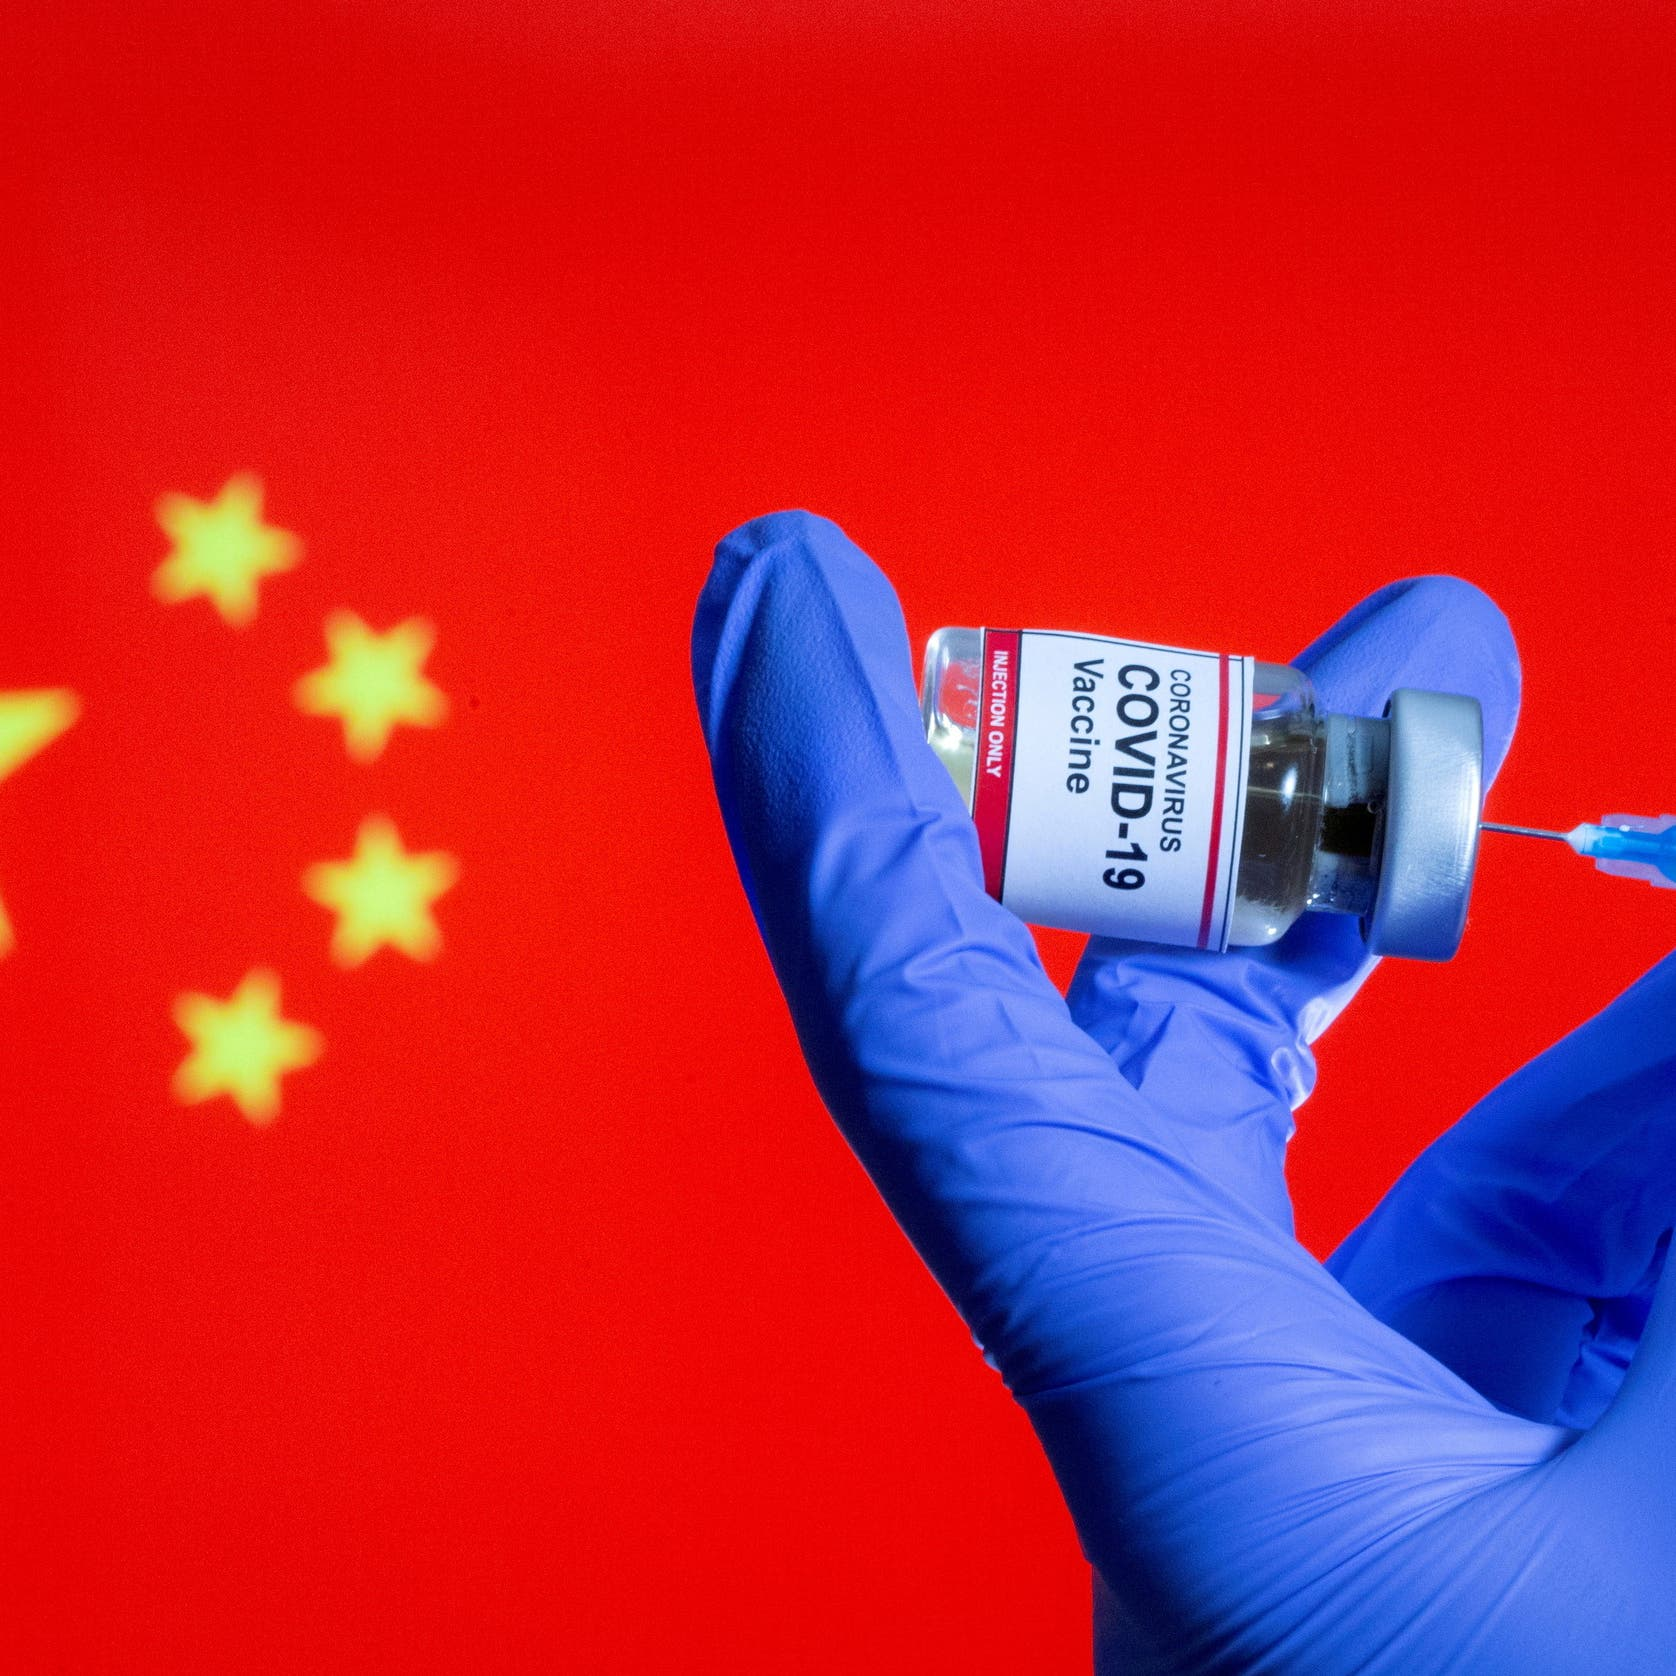 خبر صادم.. رغم التلقيحات الضخمة تفشي كورونا يتسارع في الصين